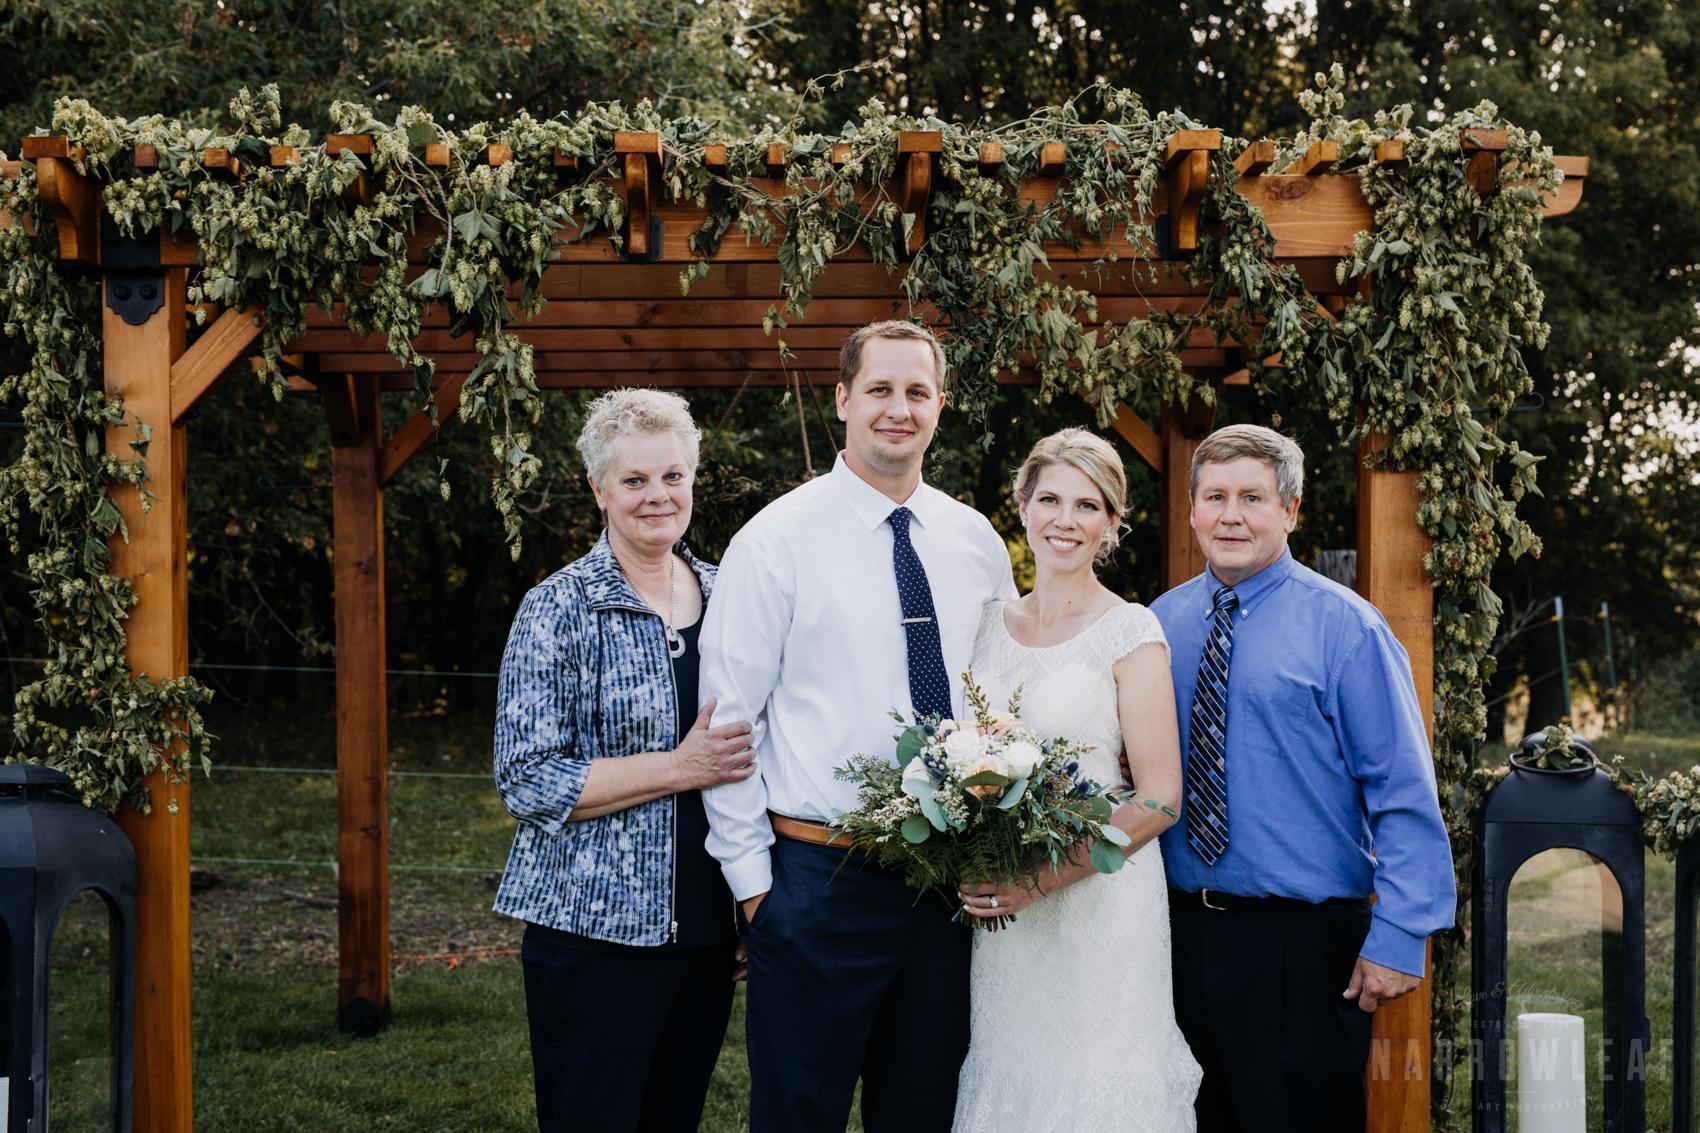 outdoor-summer-wedding-arch-family-photos-32.jpg